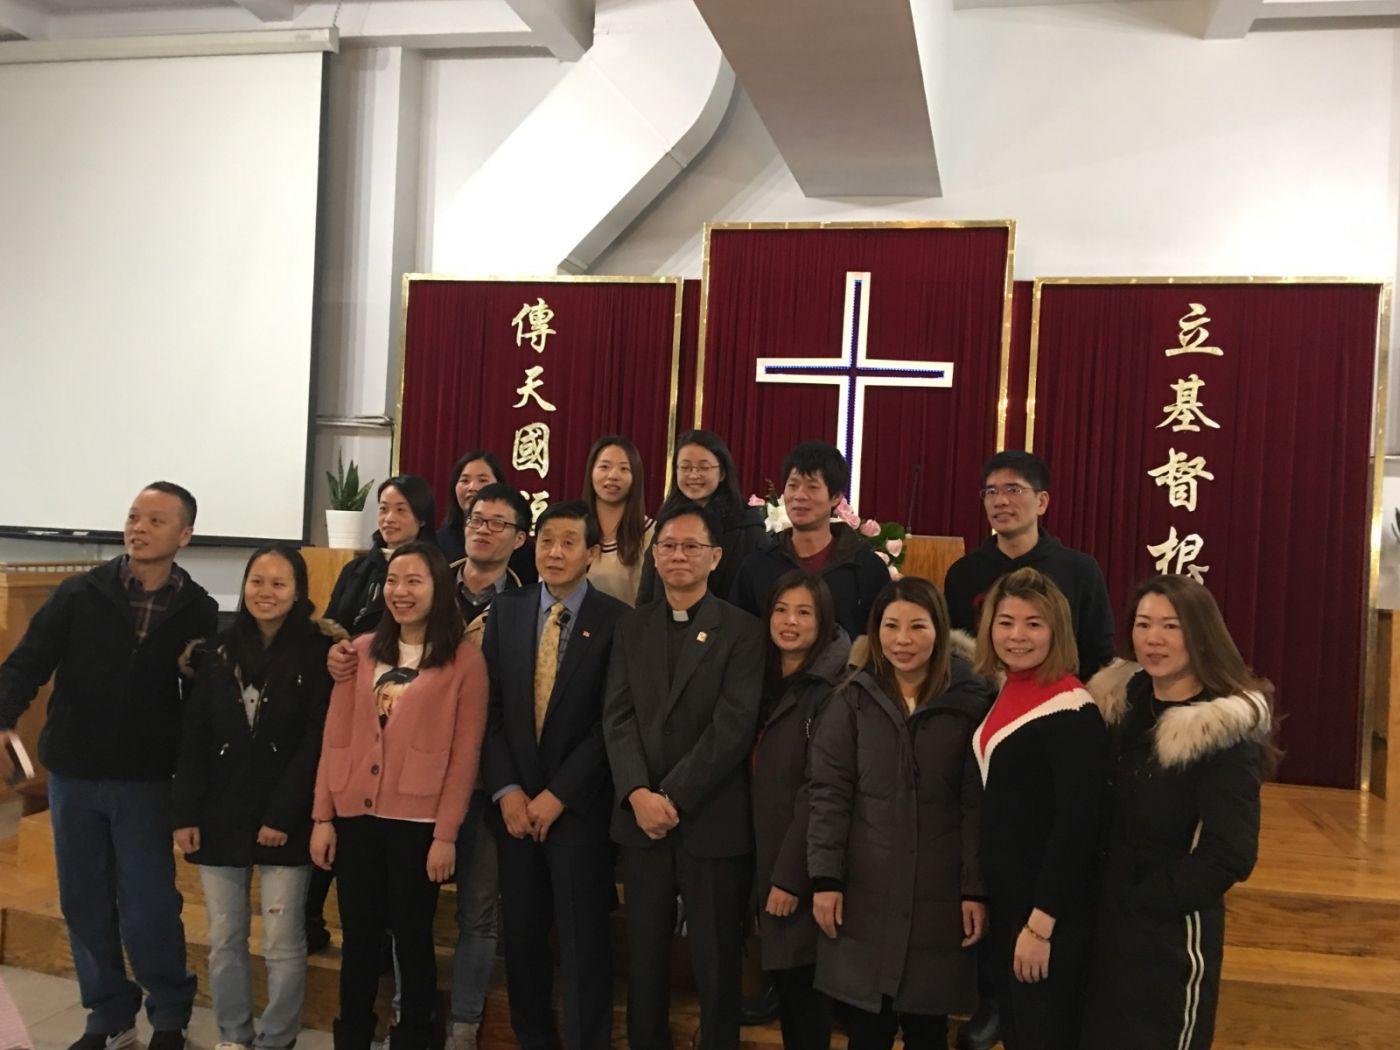 2019紐約基督閩恩教會舉辦感恩節崇拜_图1-23